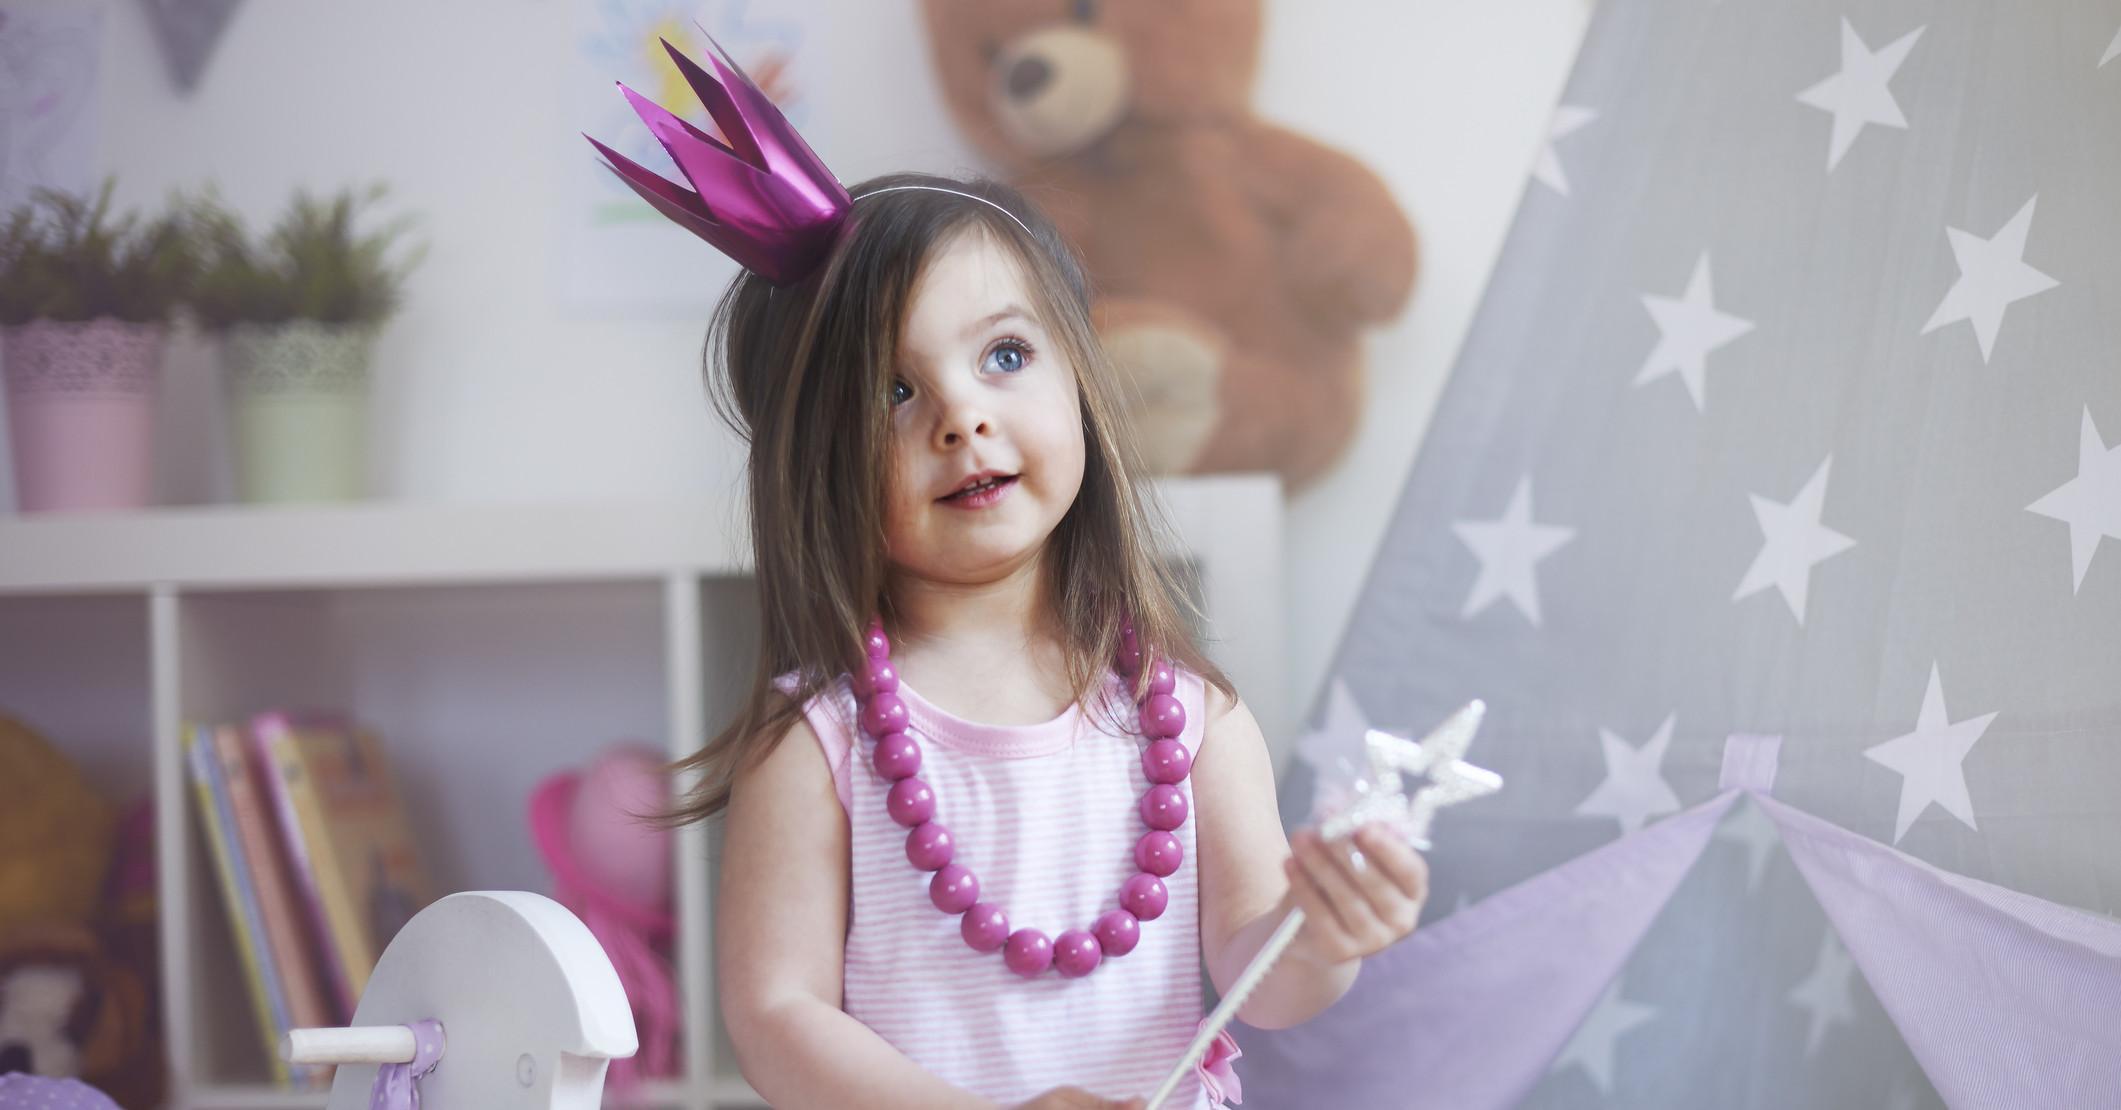 Частые игры в принцесс негативно сказываются на девочках